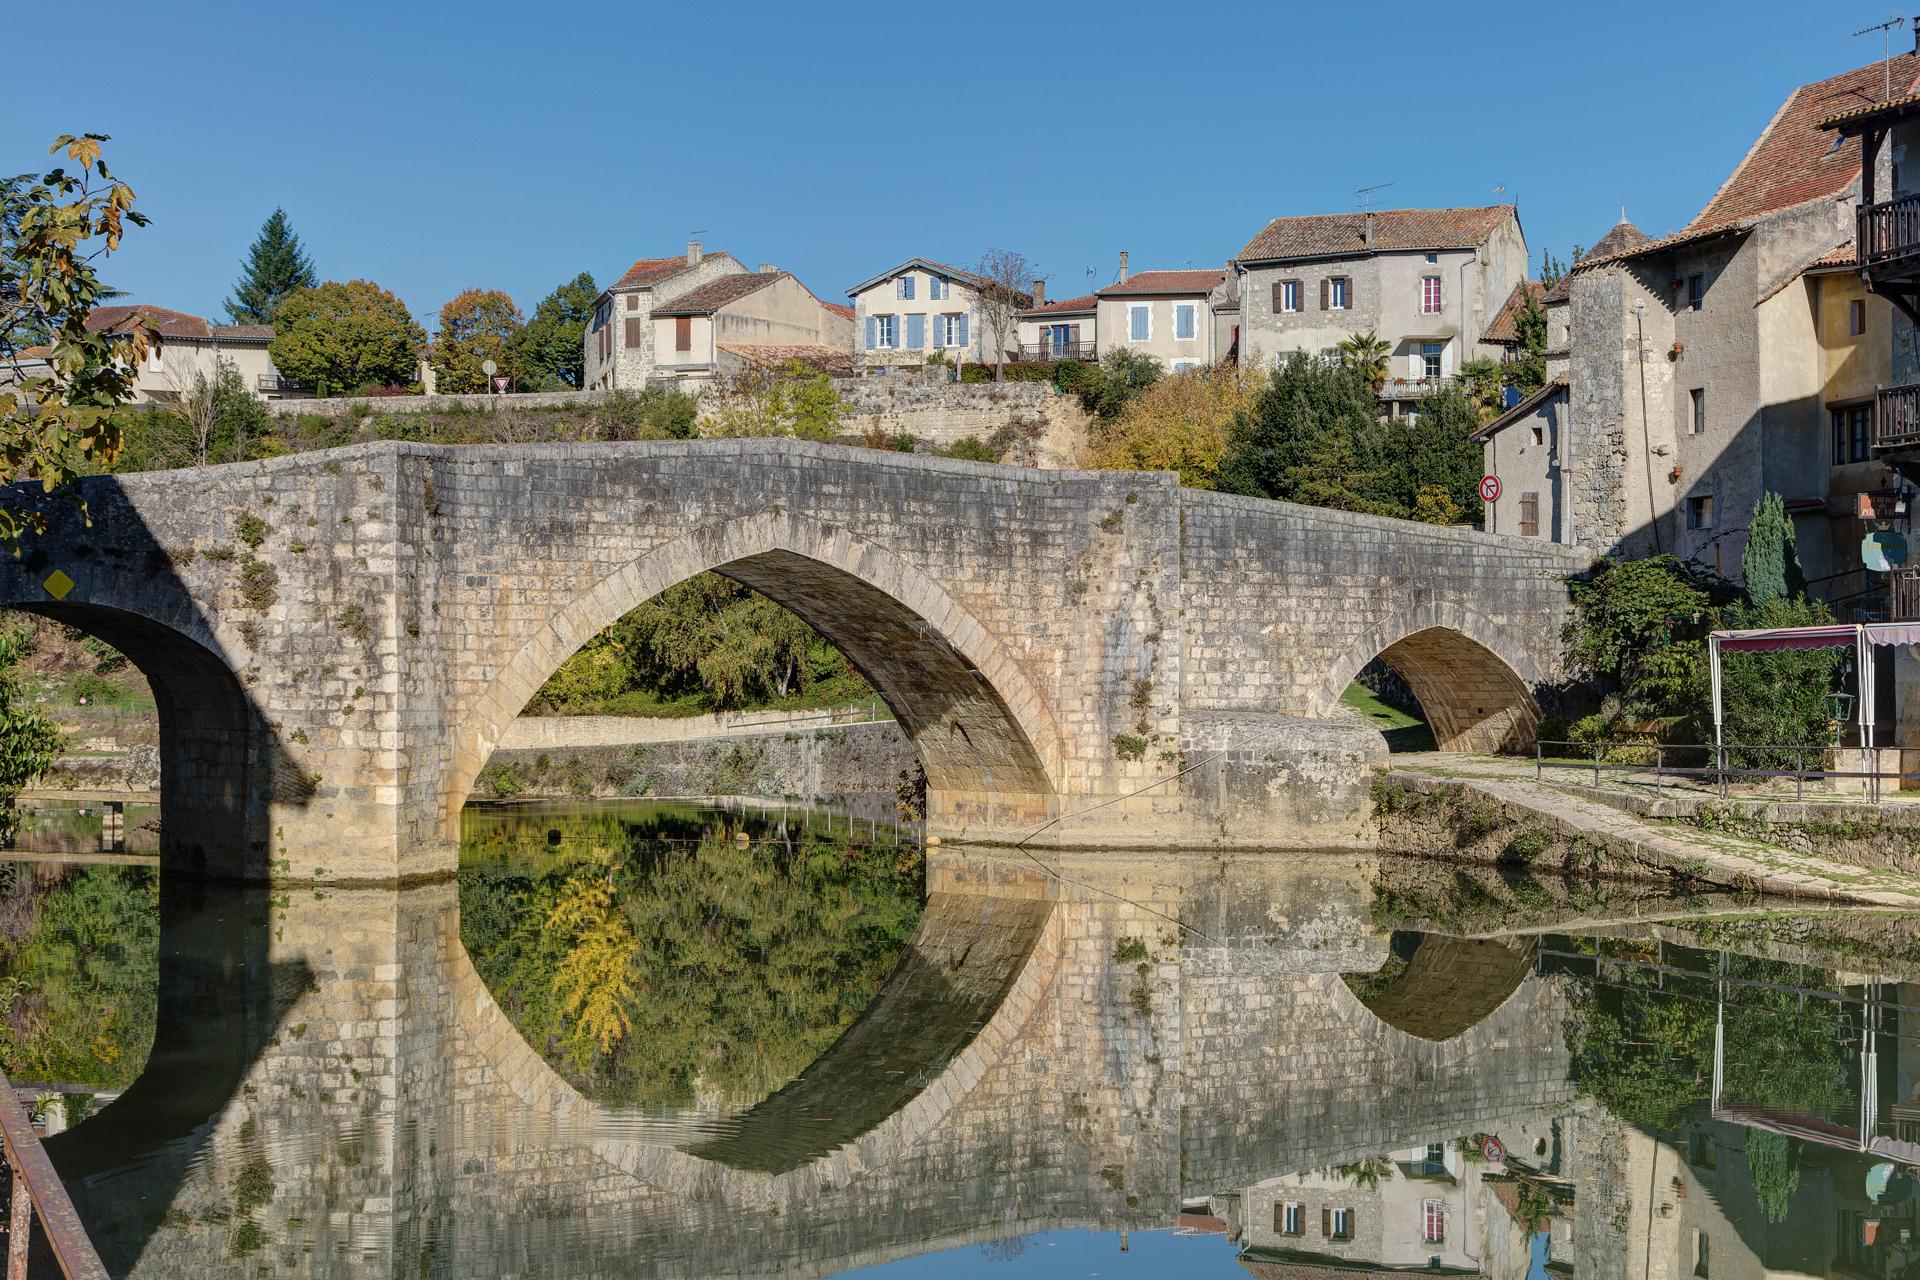 Castelmoron-sur-Lot